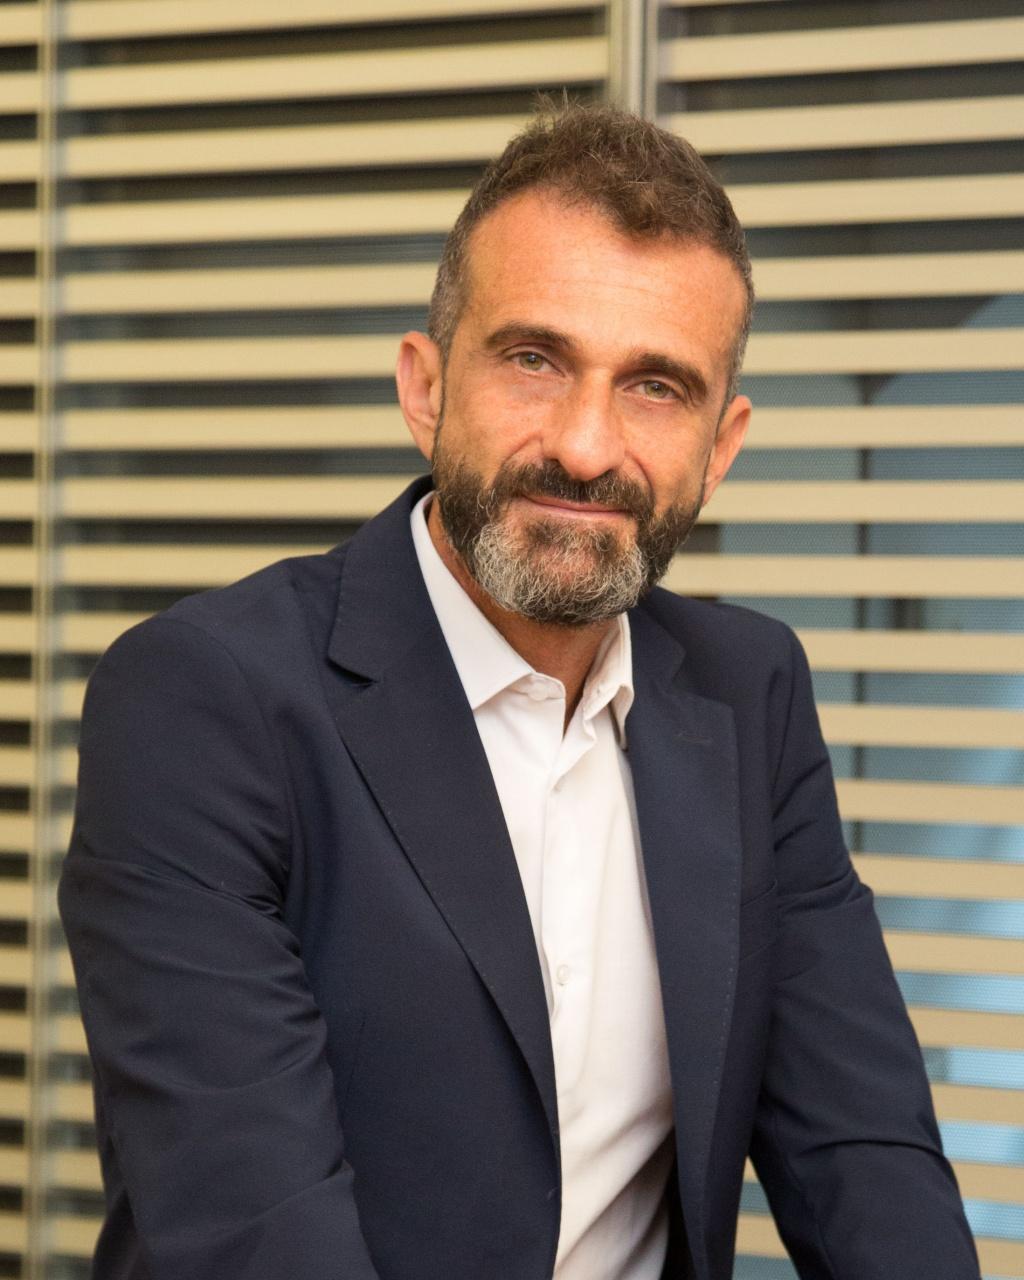 2021 fabio buccigrossi country manager eset italia